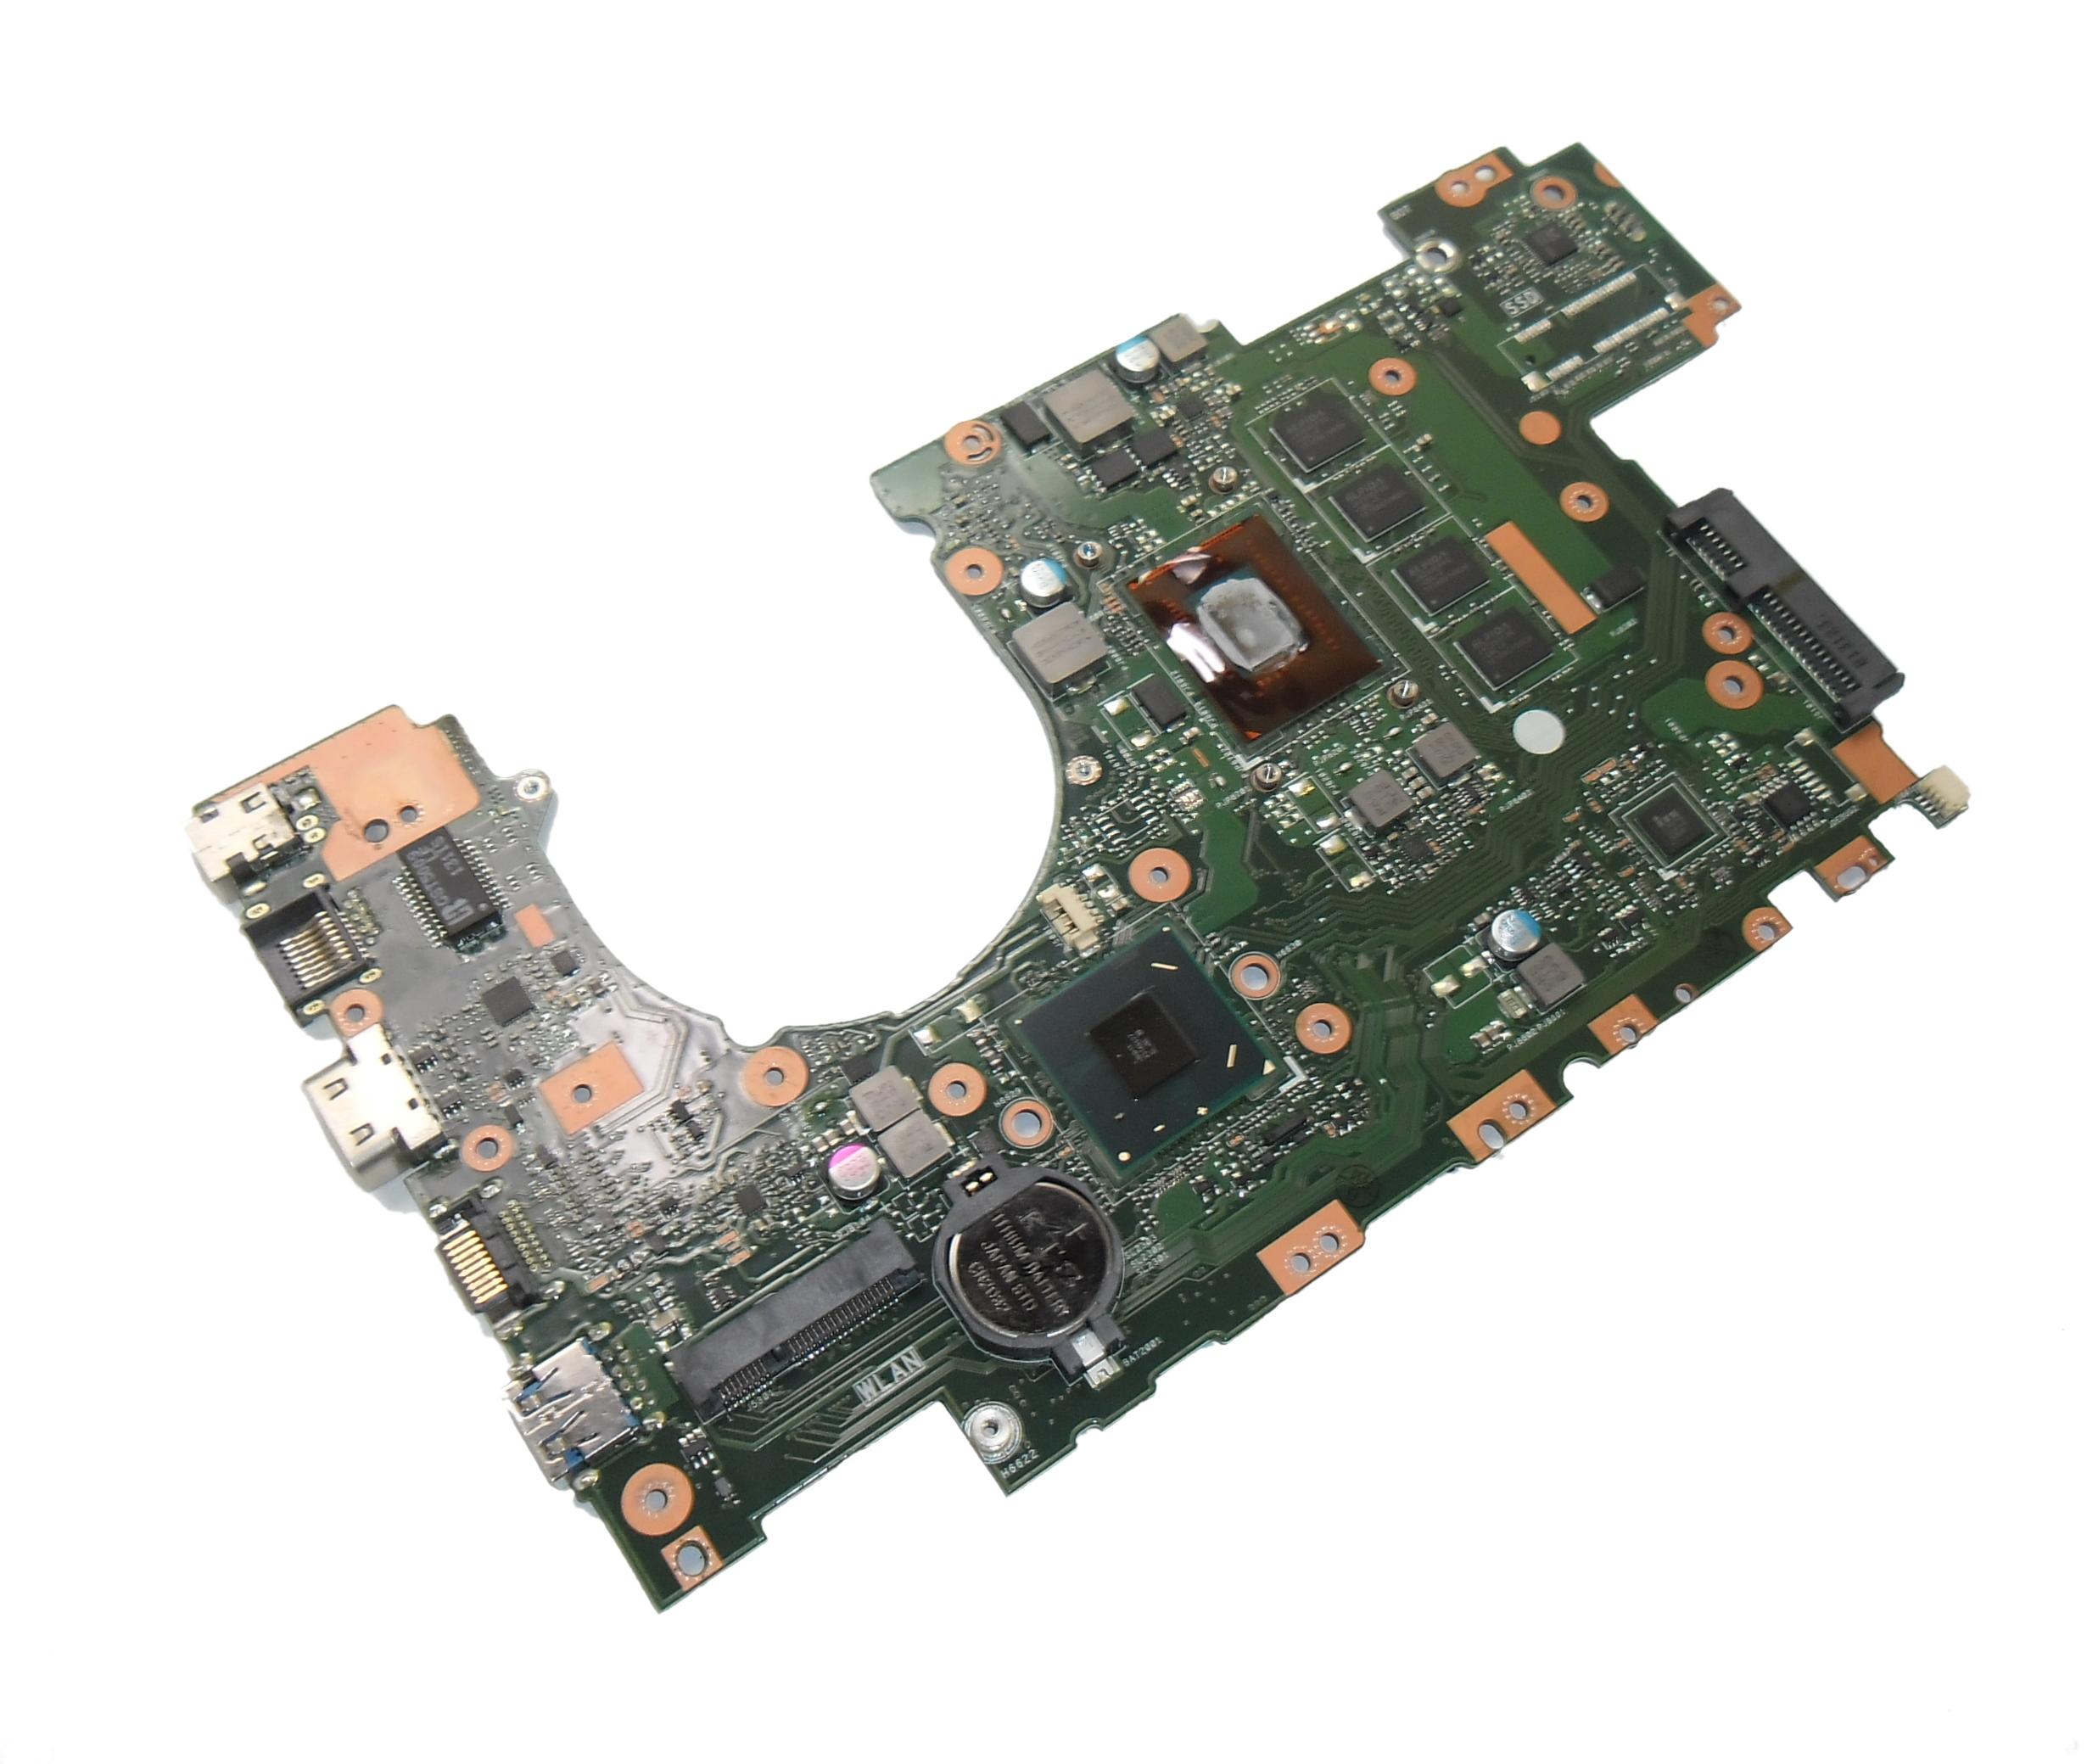 Reviews for the Intel Celeron 1007U processor